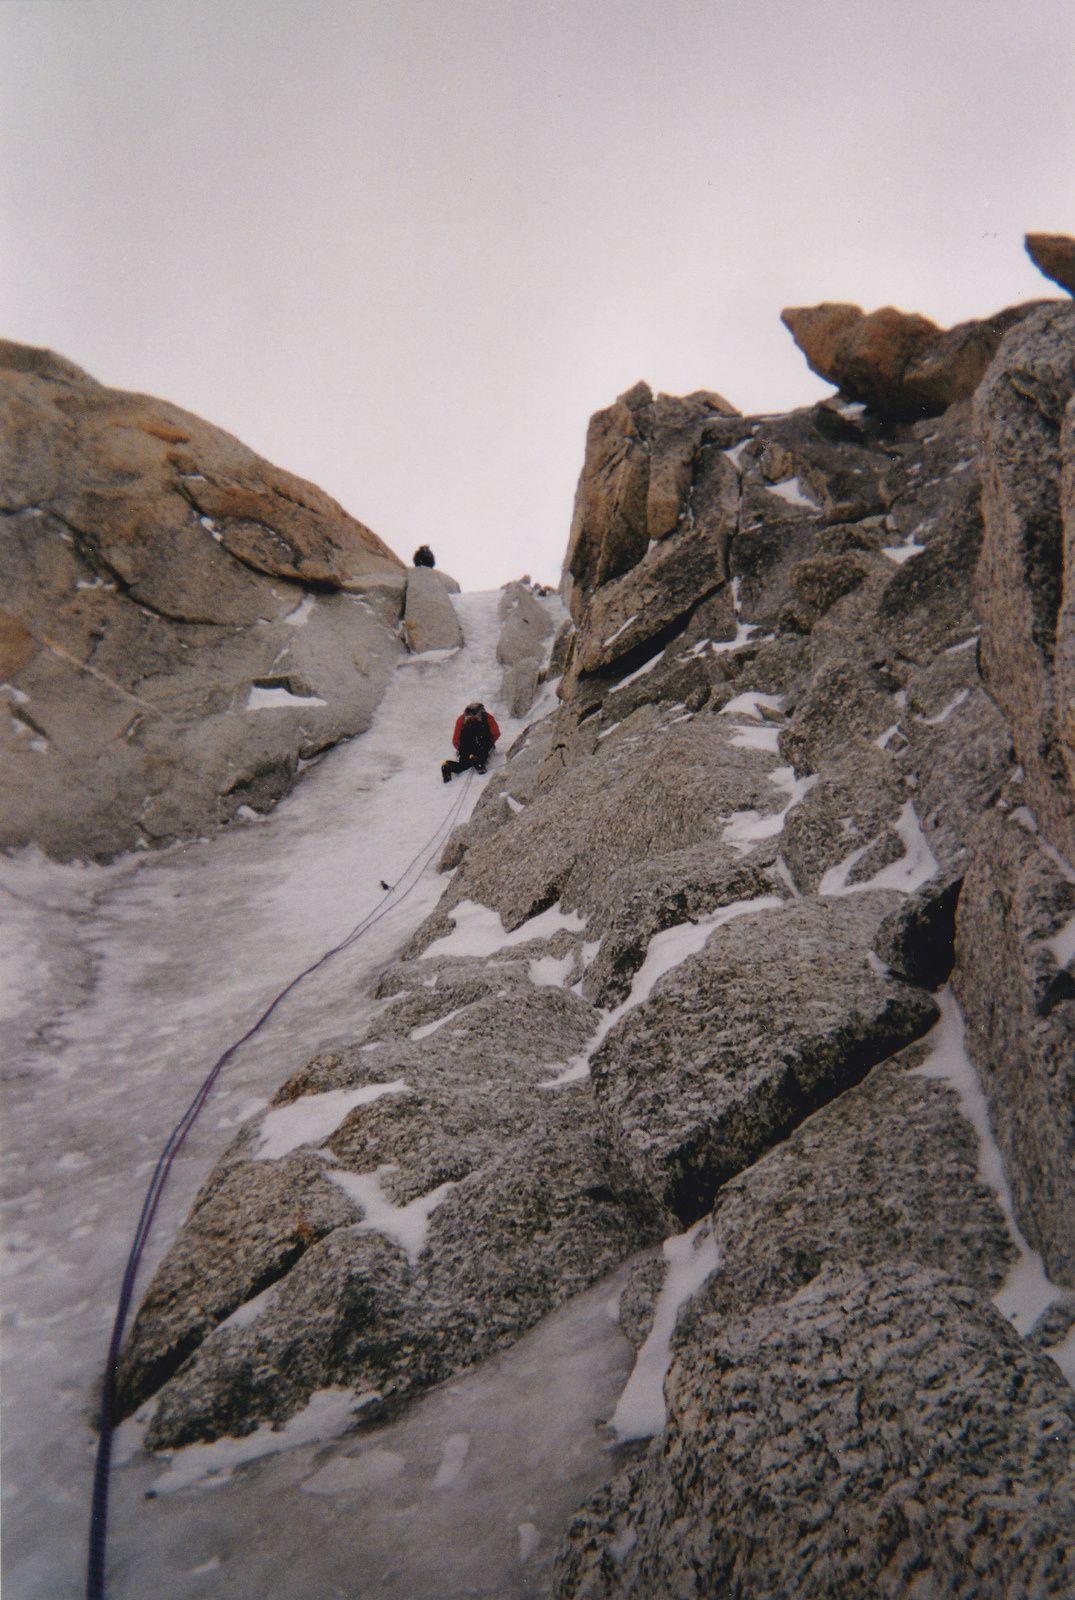 Mont-Blanc du Tacul: Goulotte Chéré